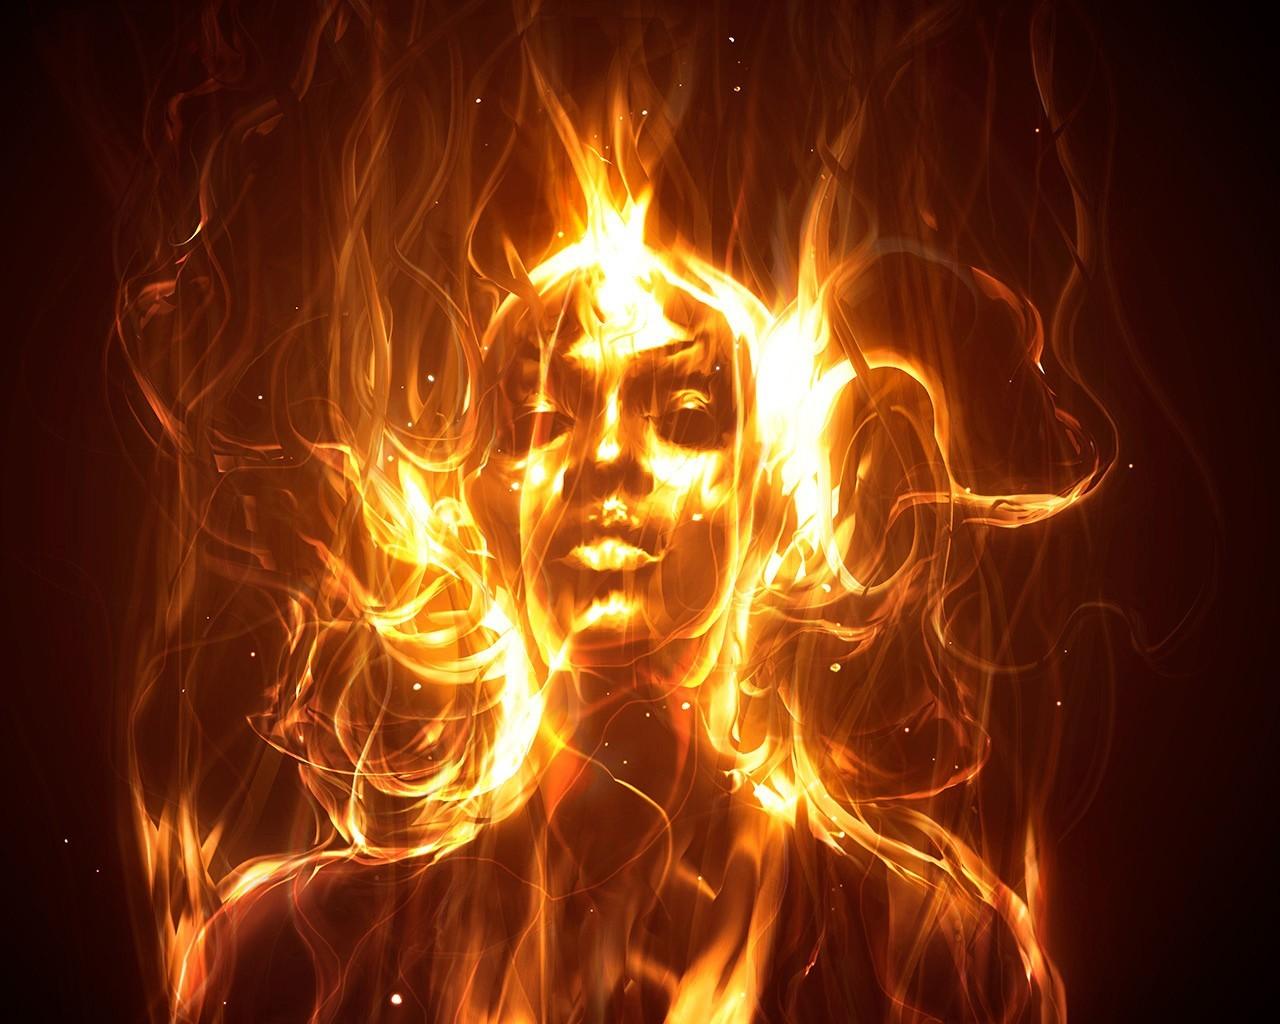 Каждый в пламени видит своёКто тепло, кто золу от поленьев. Кто всю